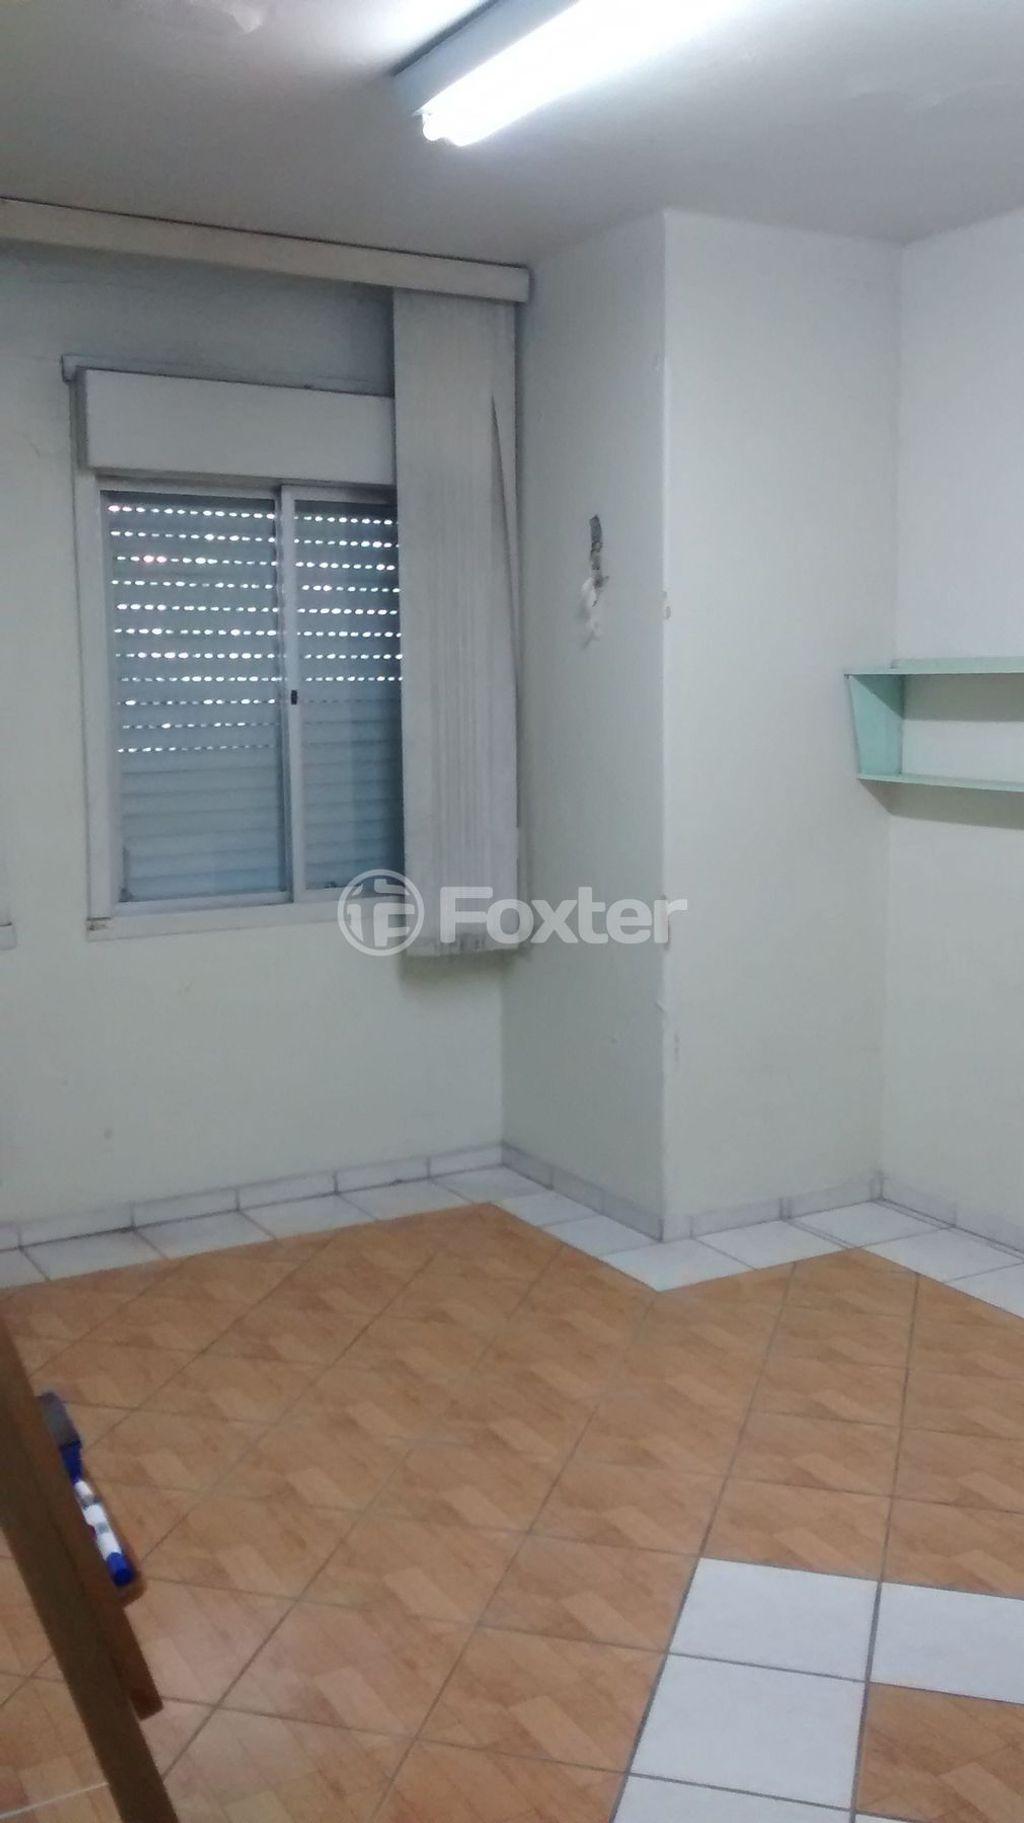 Casa 3 Dorm, Auxiliadora, Porto Alegre (125534) - Foto 9